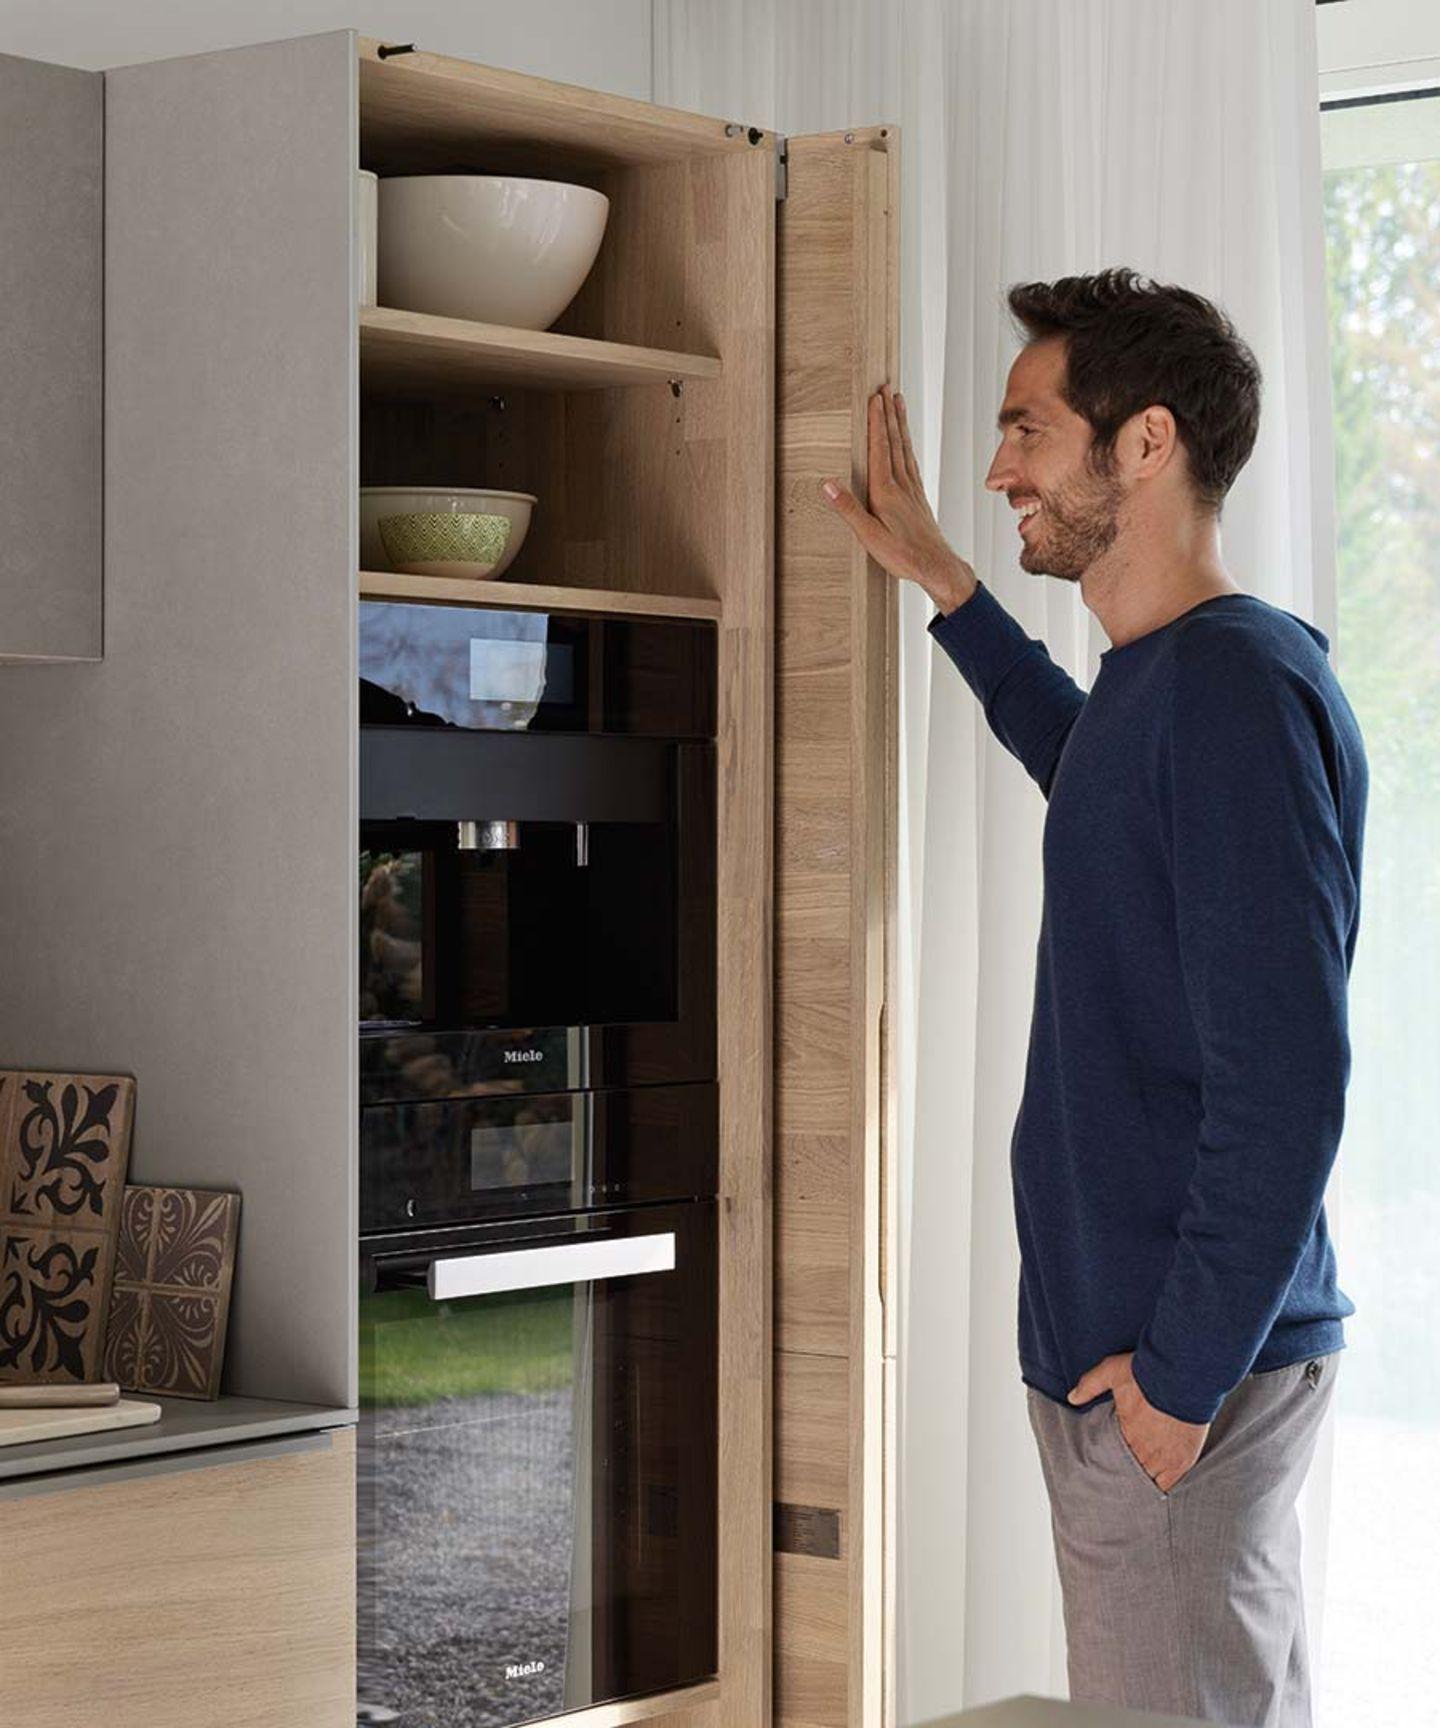 filigno Küche mit Geräteschrank mit Schiebetüren